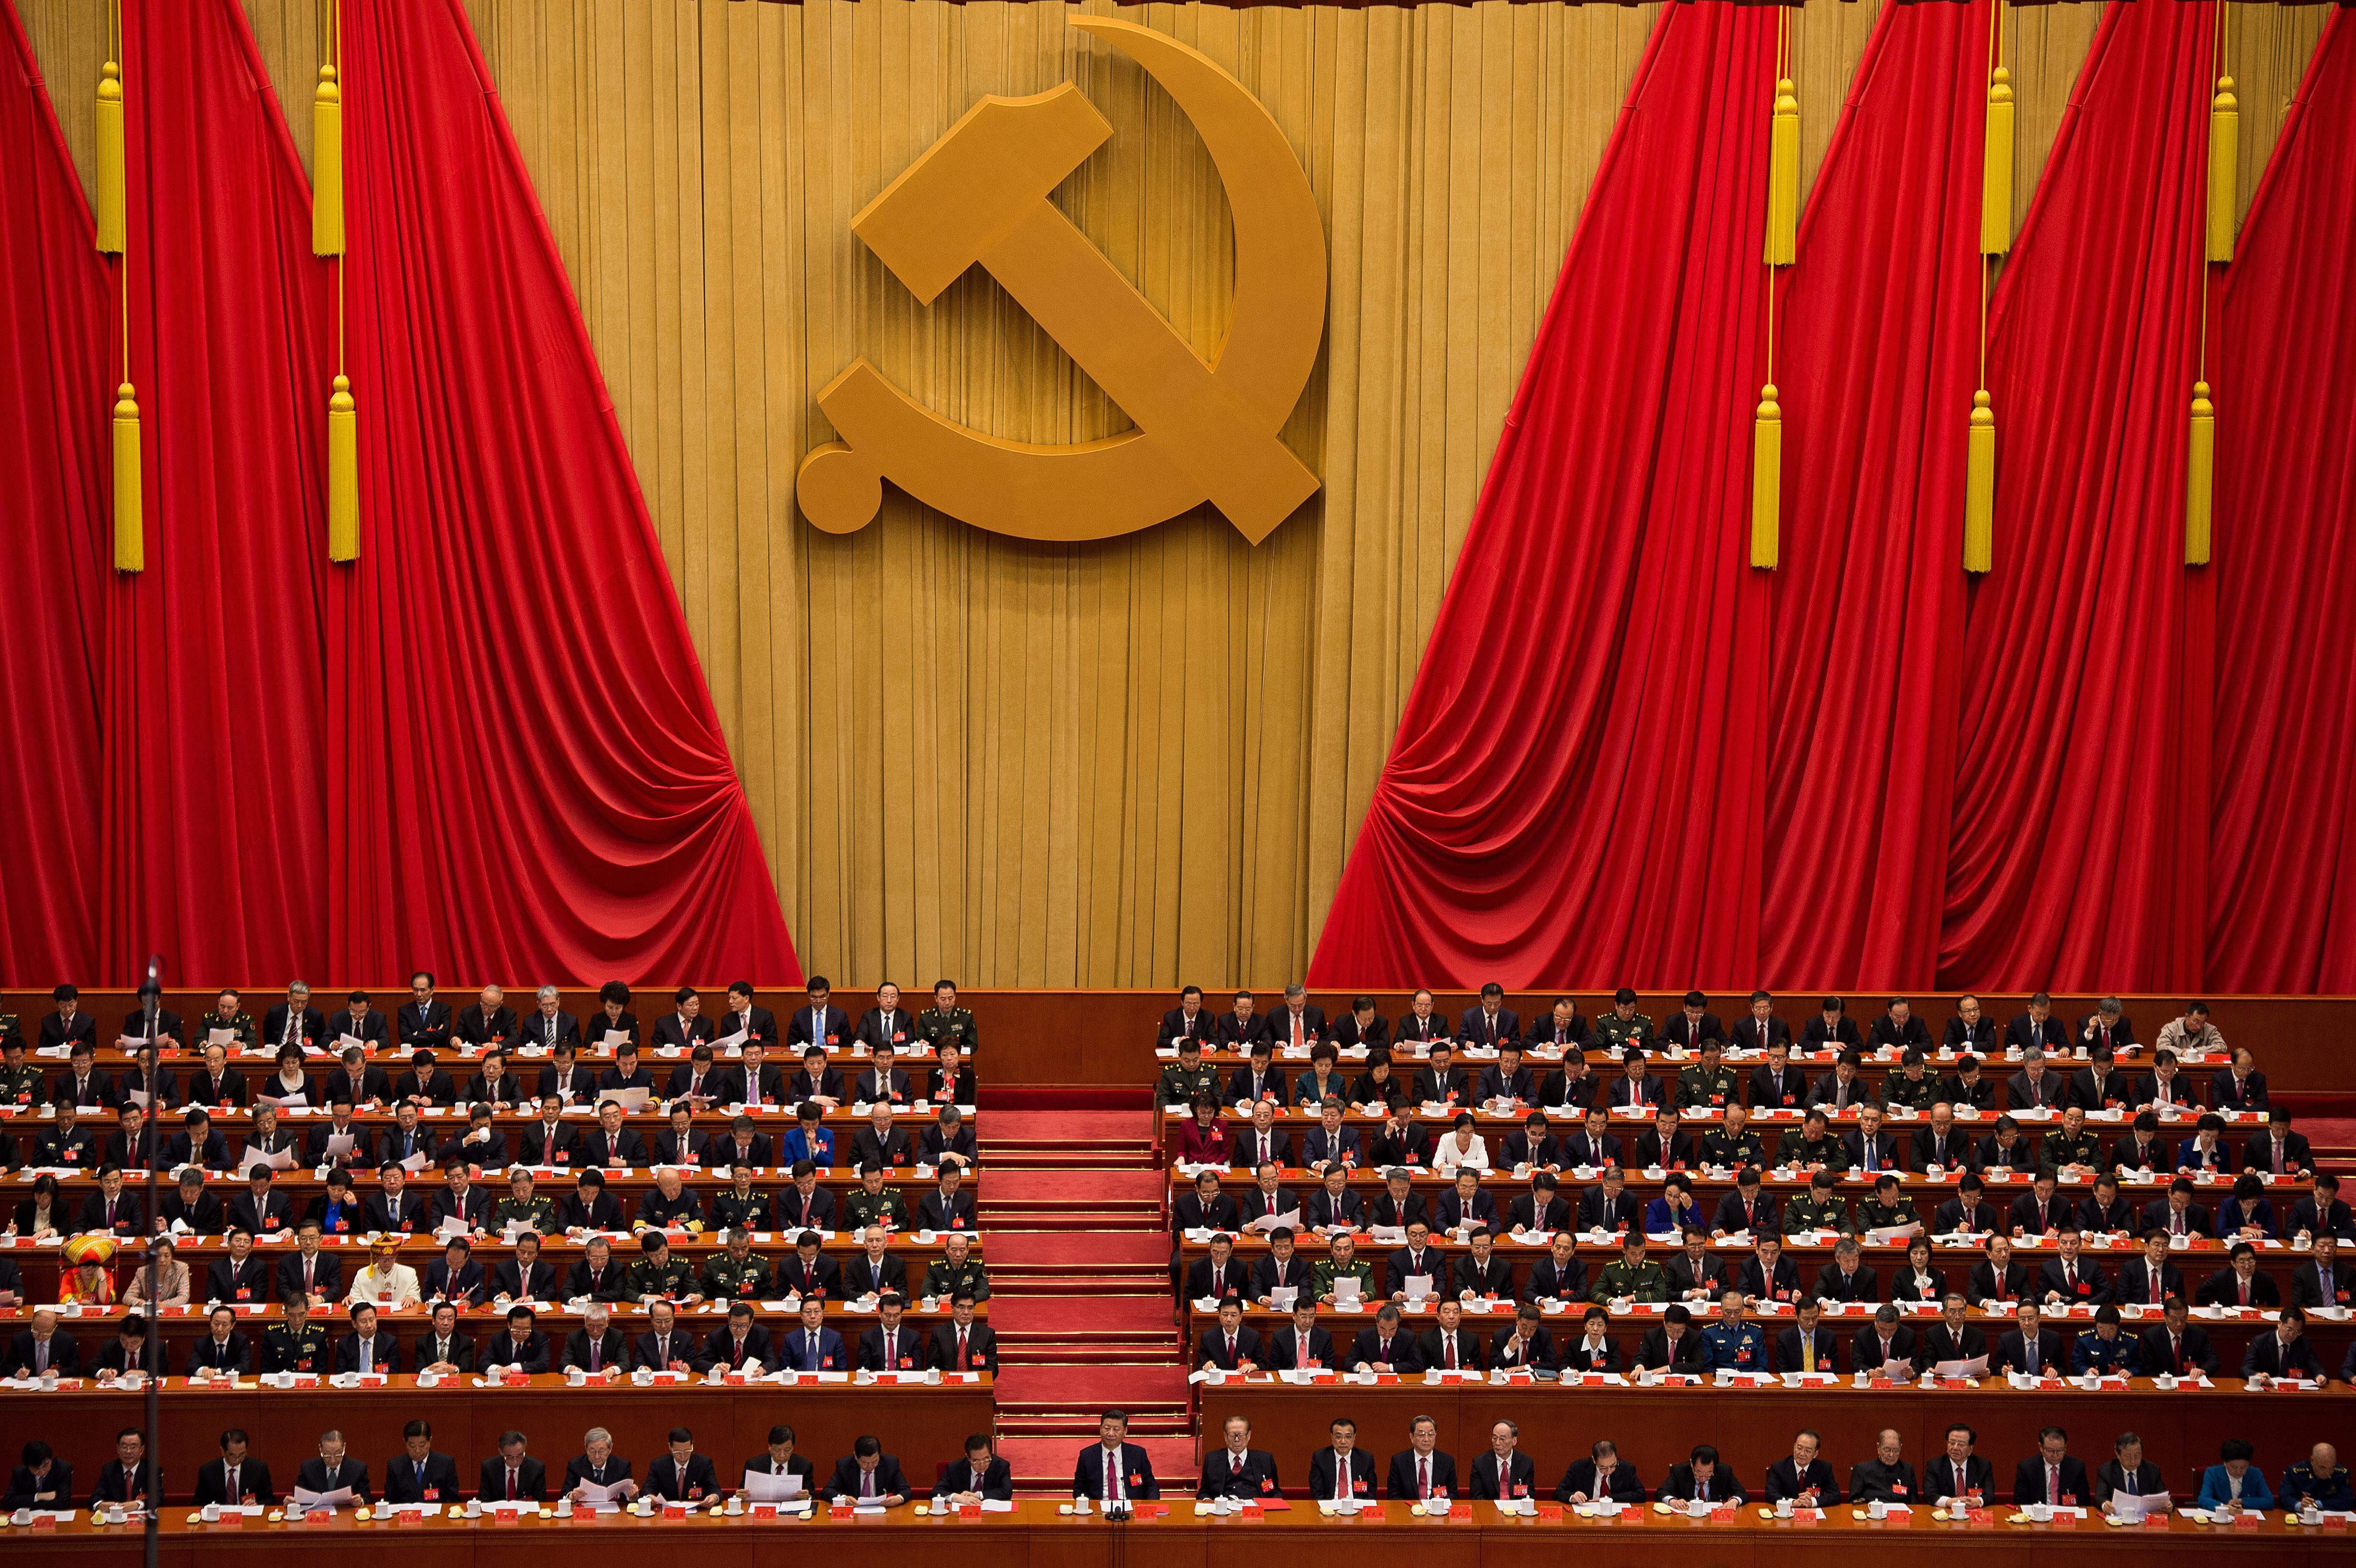 A legnagyobb náci jogász áll a Kínai Kommunista Párt nagy ideológiai fordulata mögött